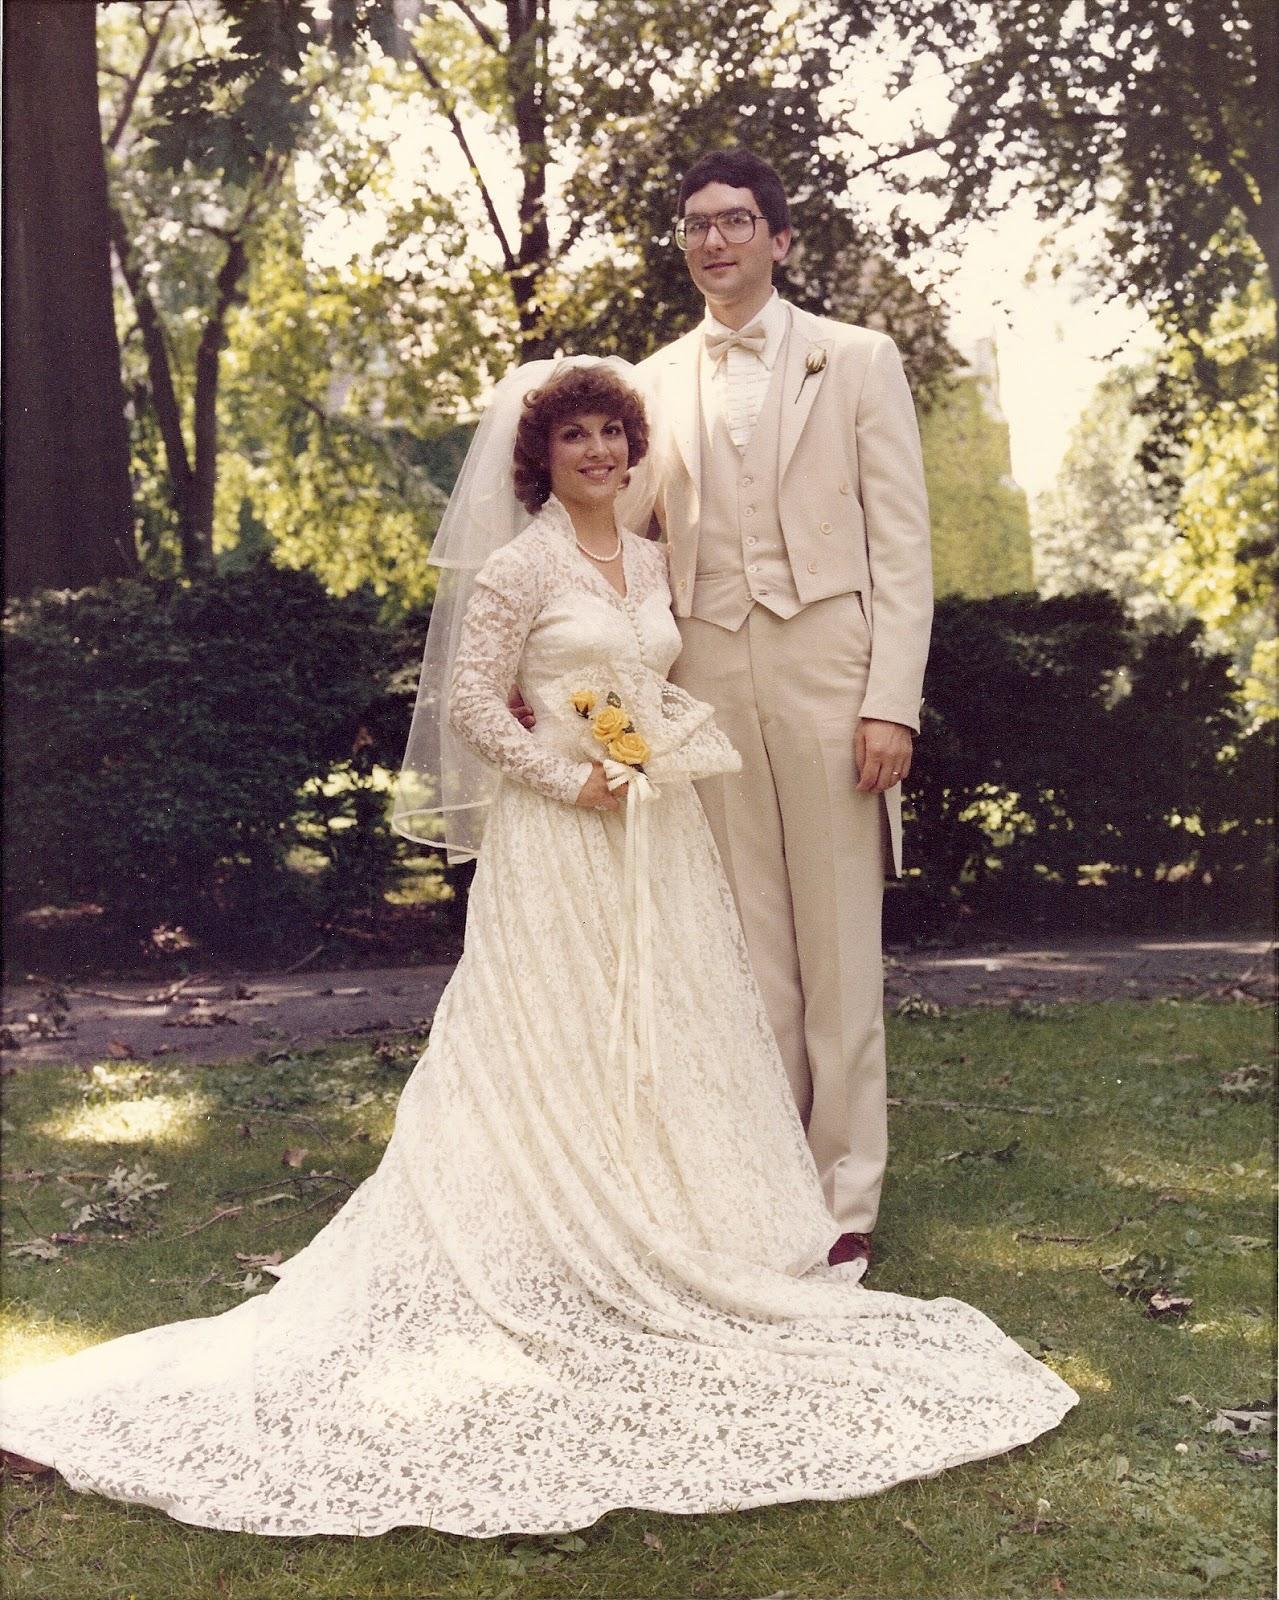 My wedding dress was found in